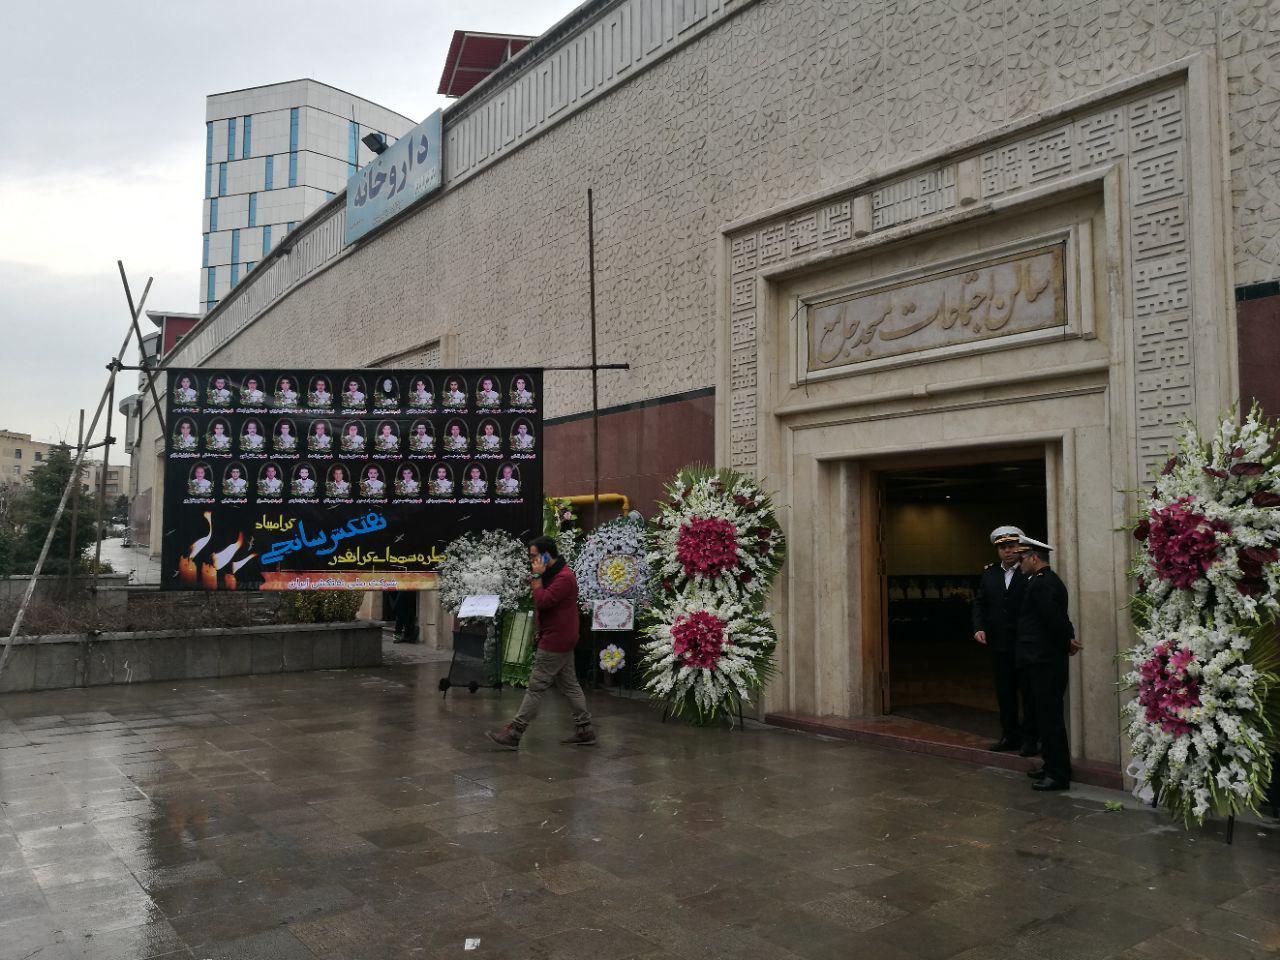 مراسم چهلم شهدای کشتی سانچی برگزار شد